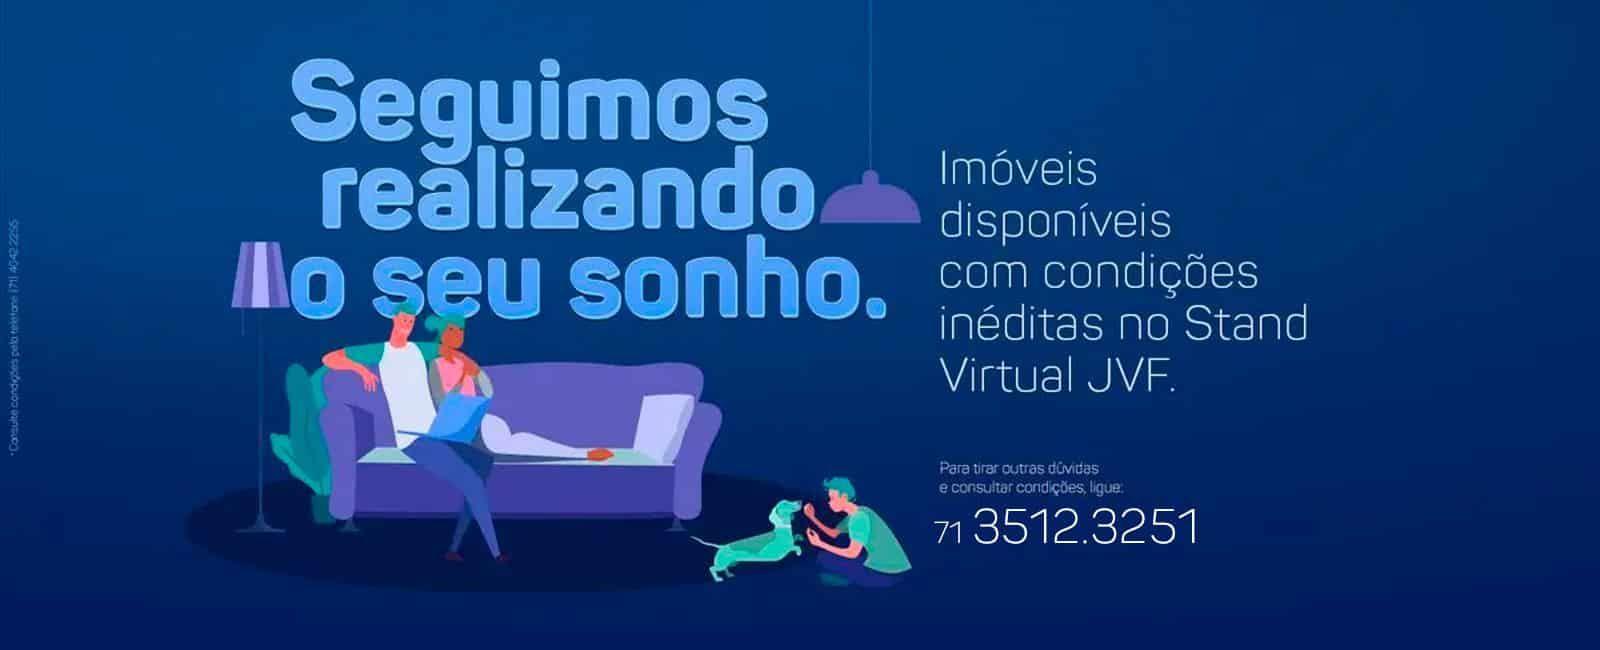 Condições Inéditas no Stand Virtual JVF